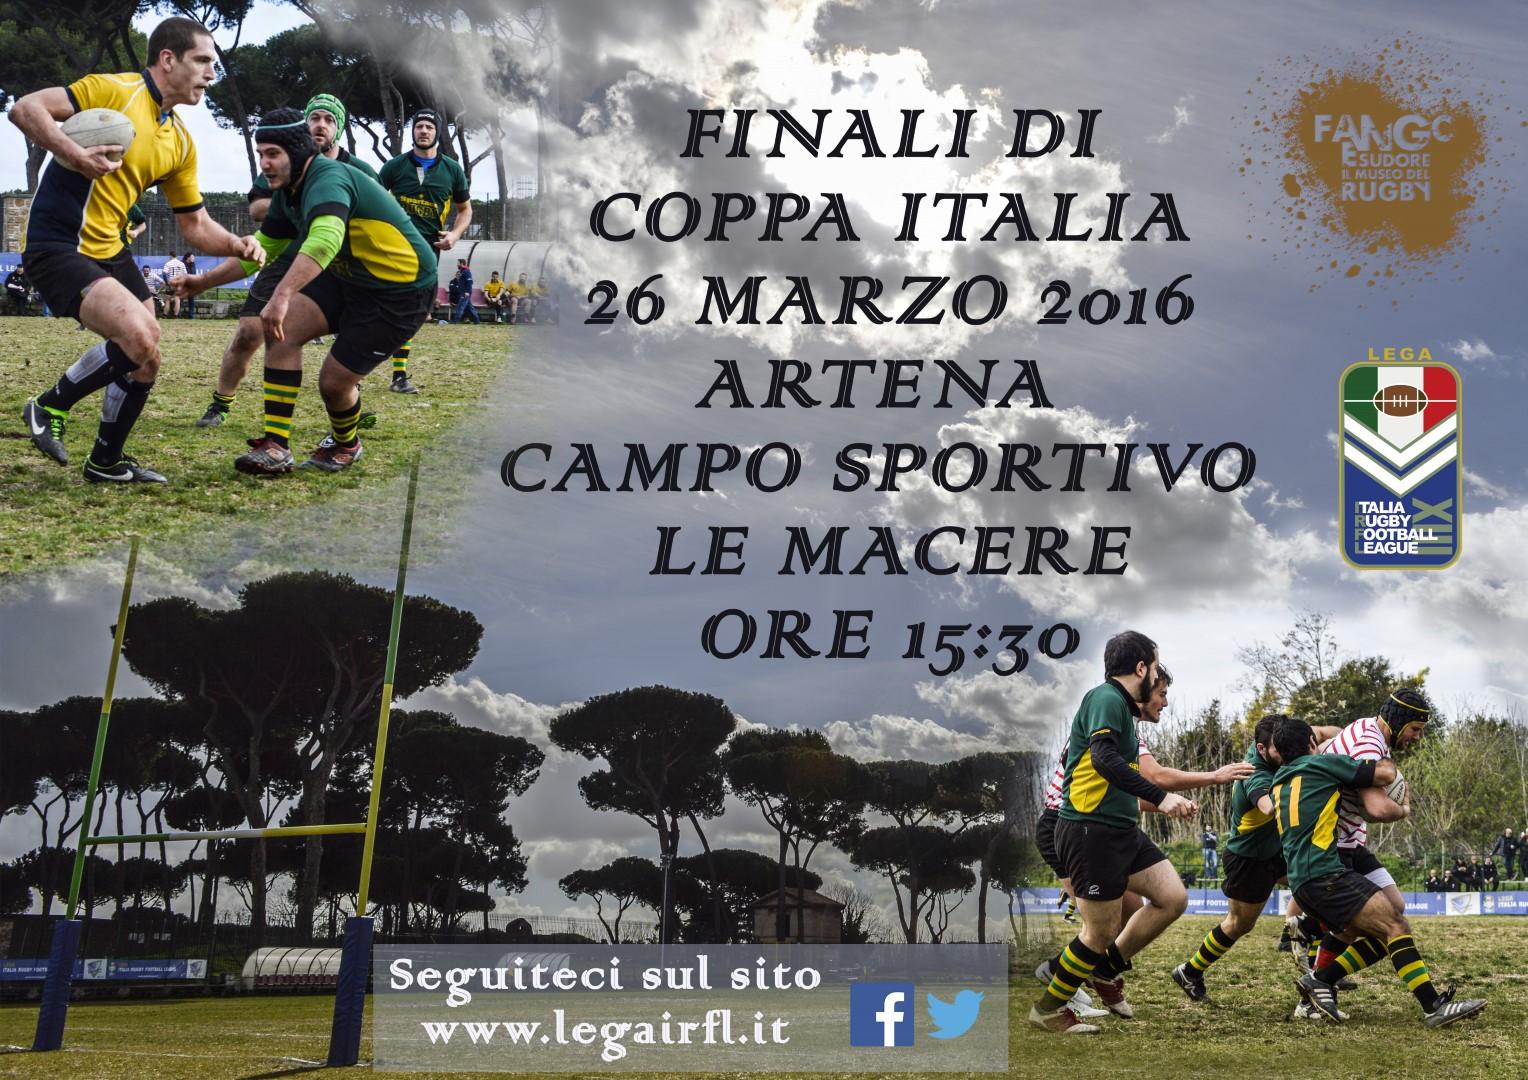 locandina coppa italia def 2 (Large)